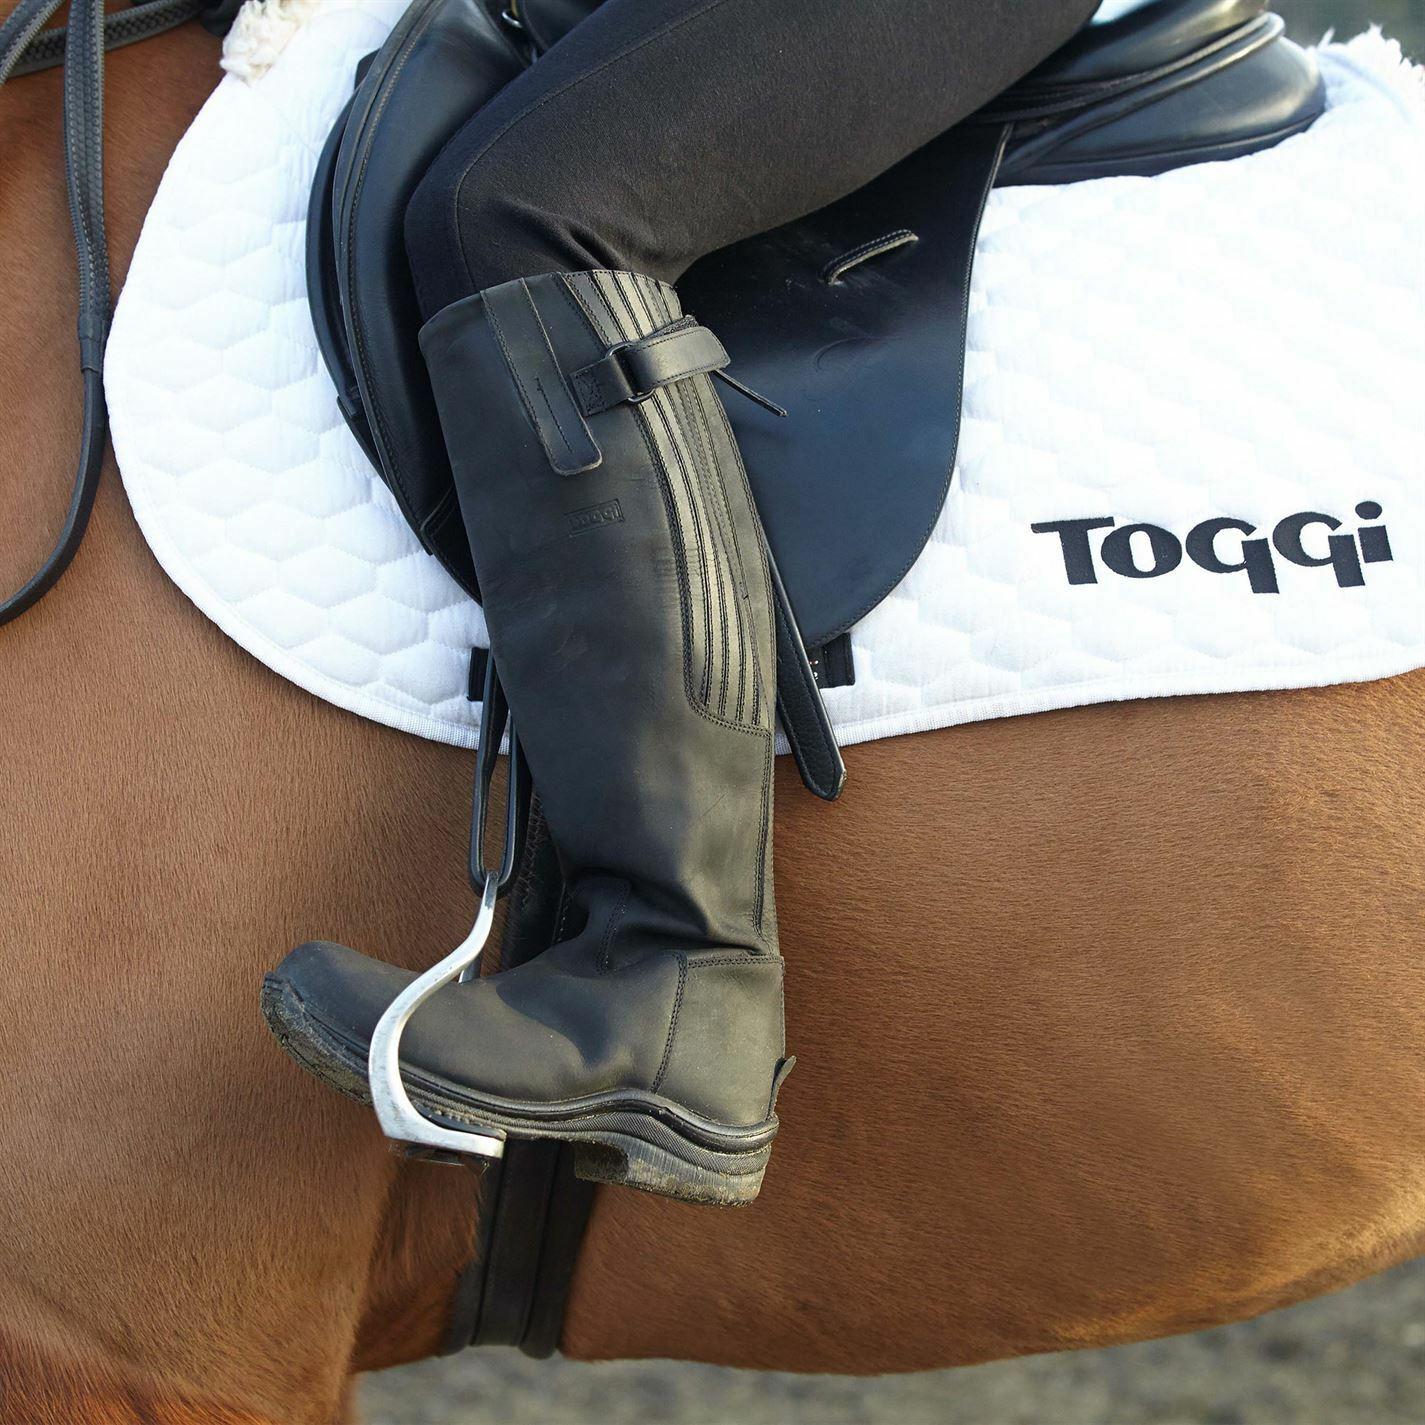 Toggi LINEA DONNA STIVALI CAVtuttiERIZZA ALTI Calgary Sautope Zip Impermeabile Flessibile Equestre